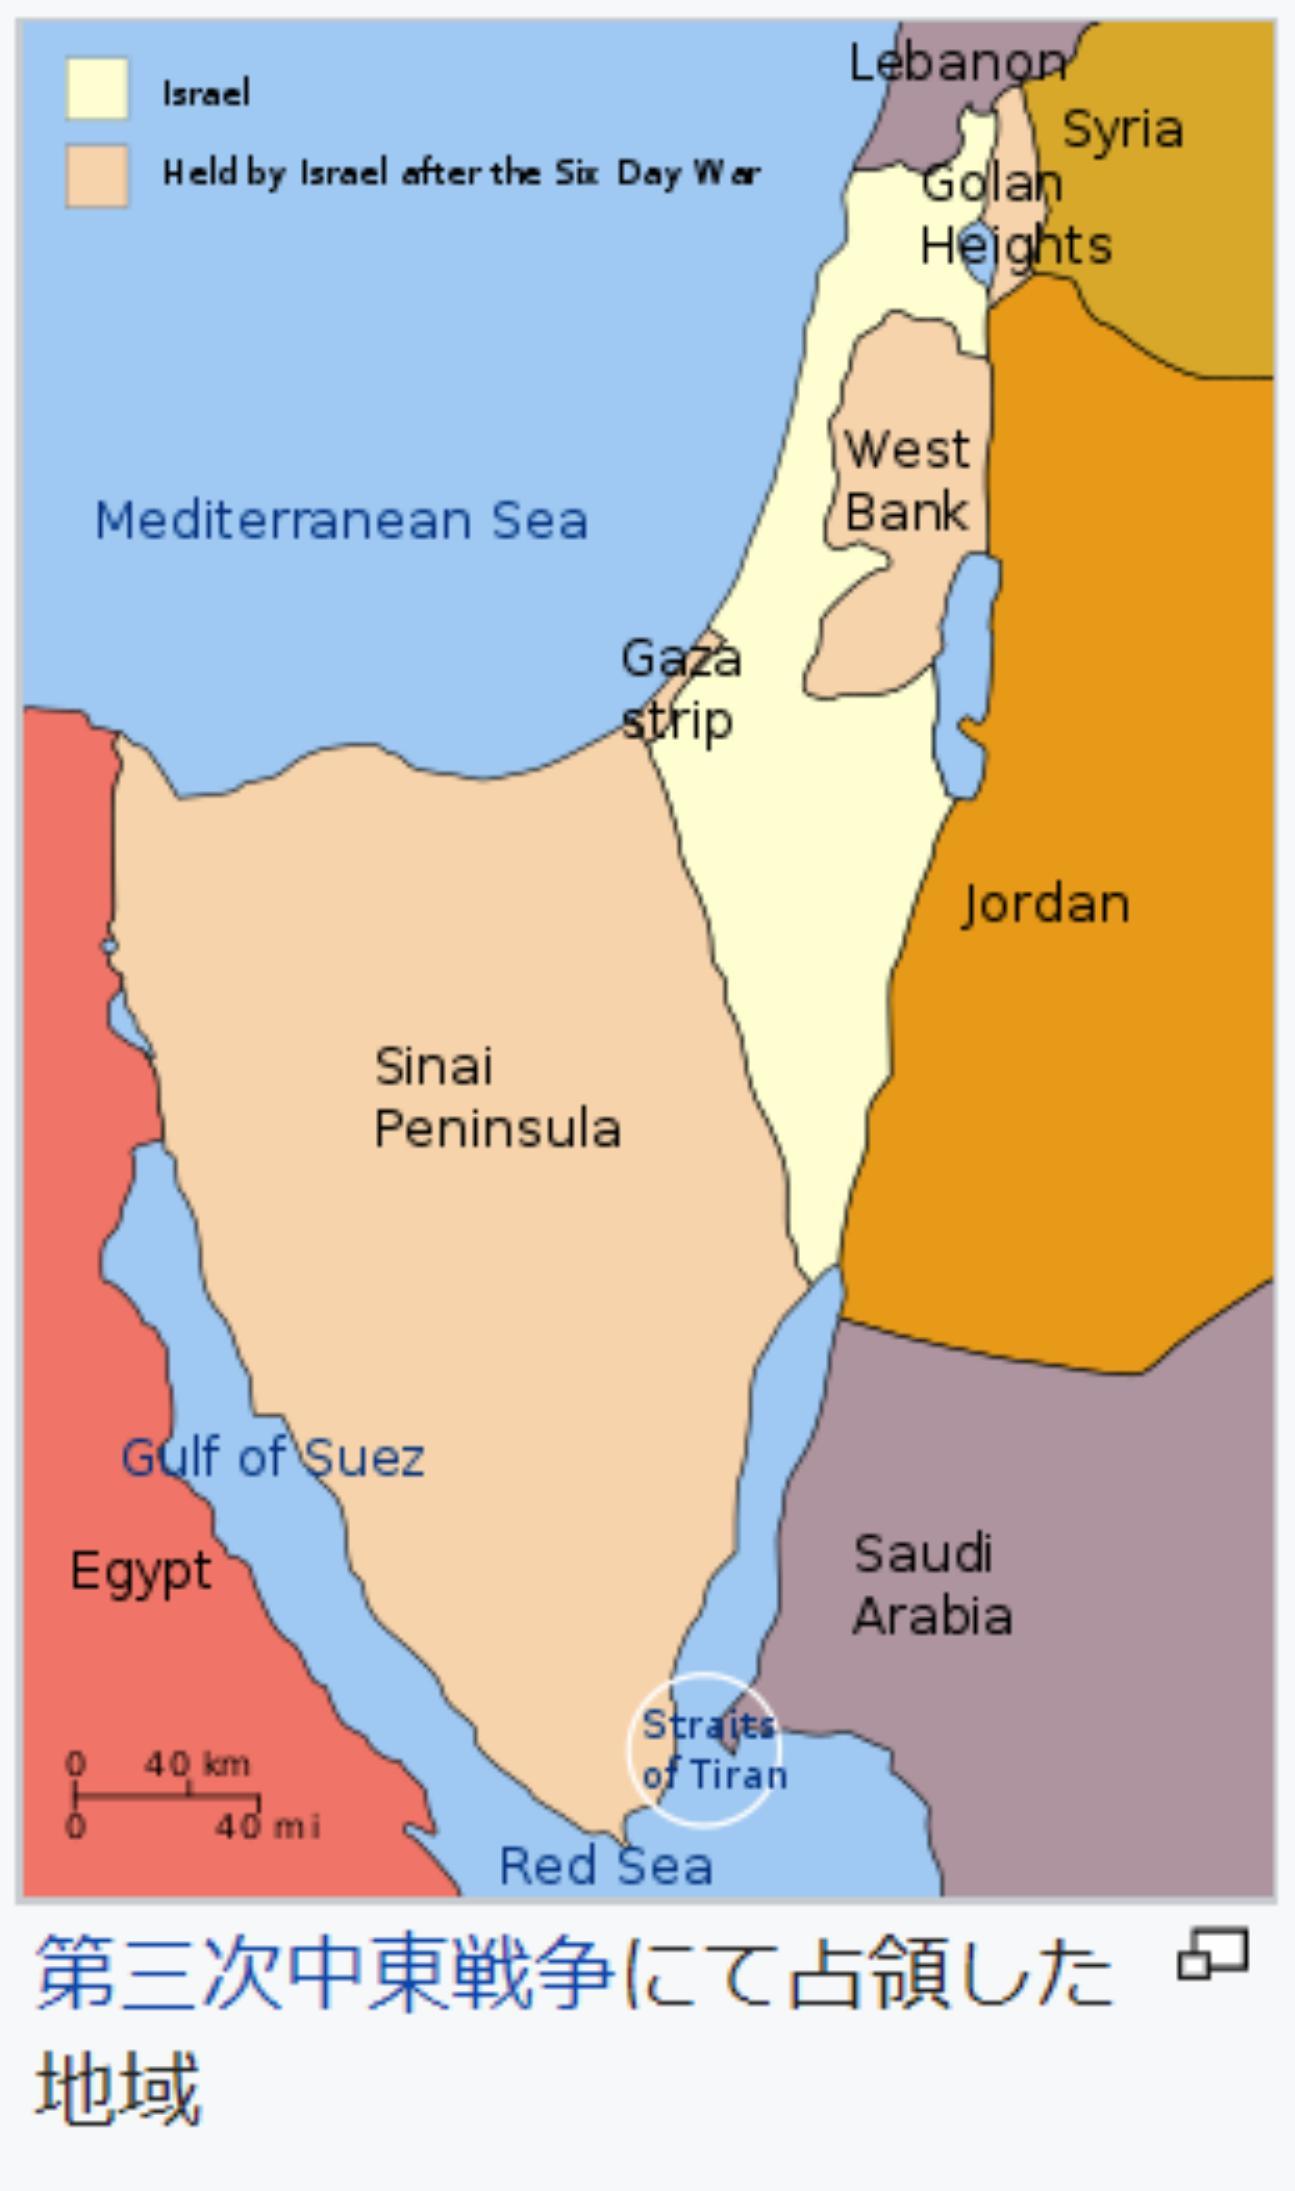 イスラエルの周辺国